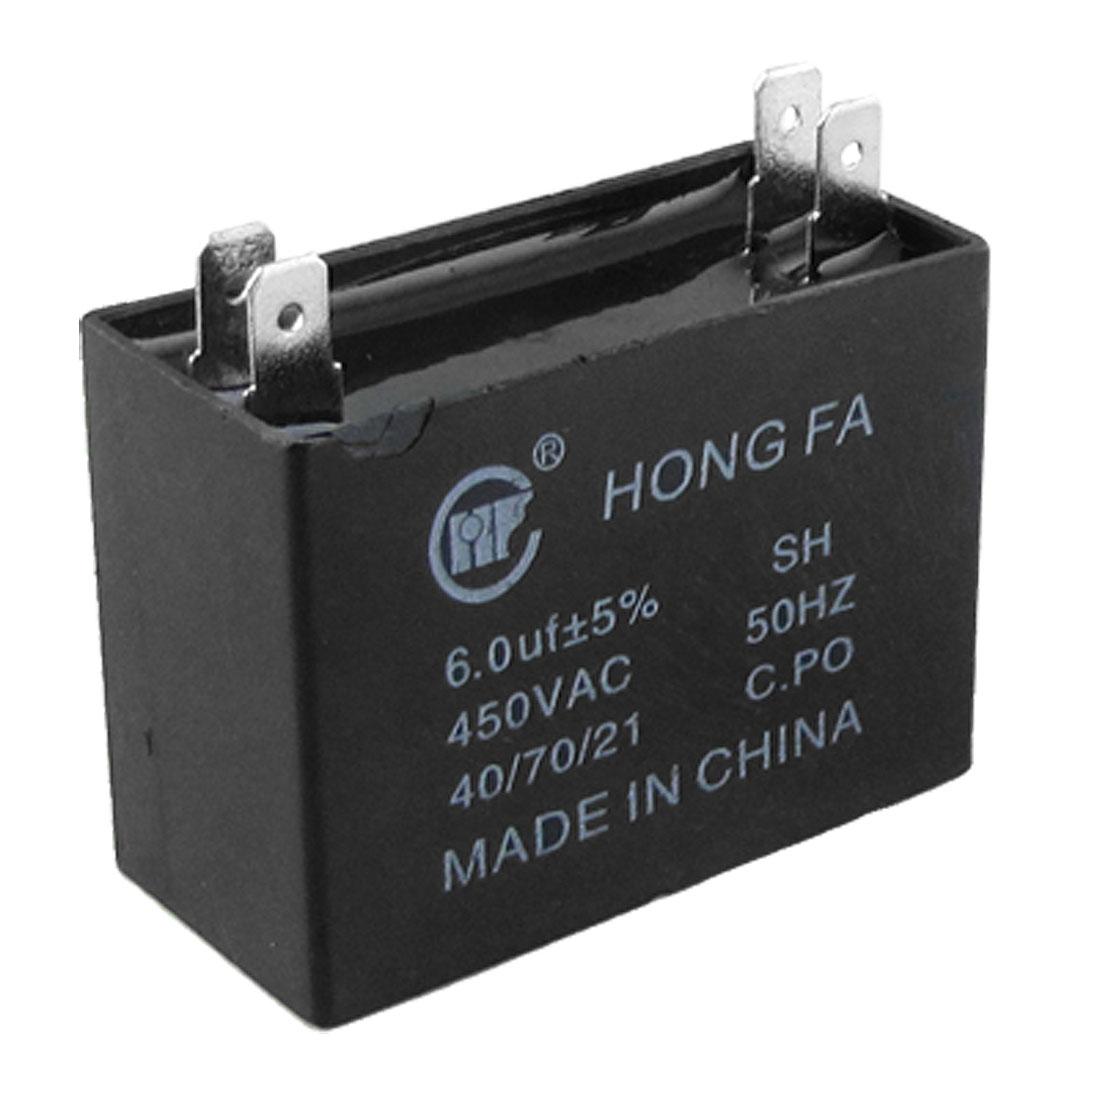 450 VAC 50Hz 6 uF MFD Air Conditioner Capacitor 4 Terminals